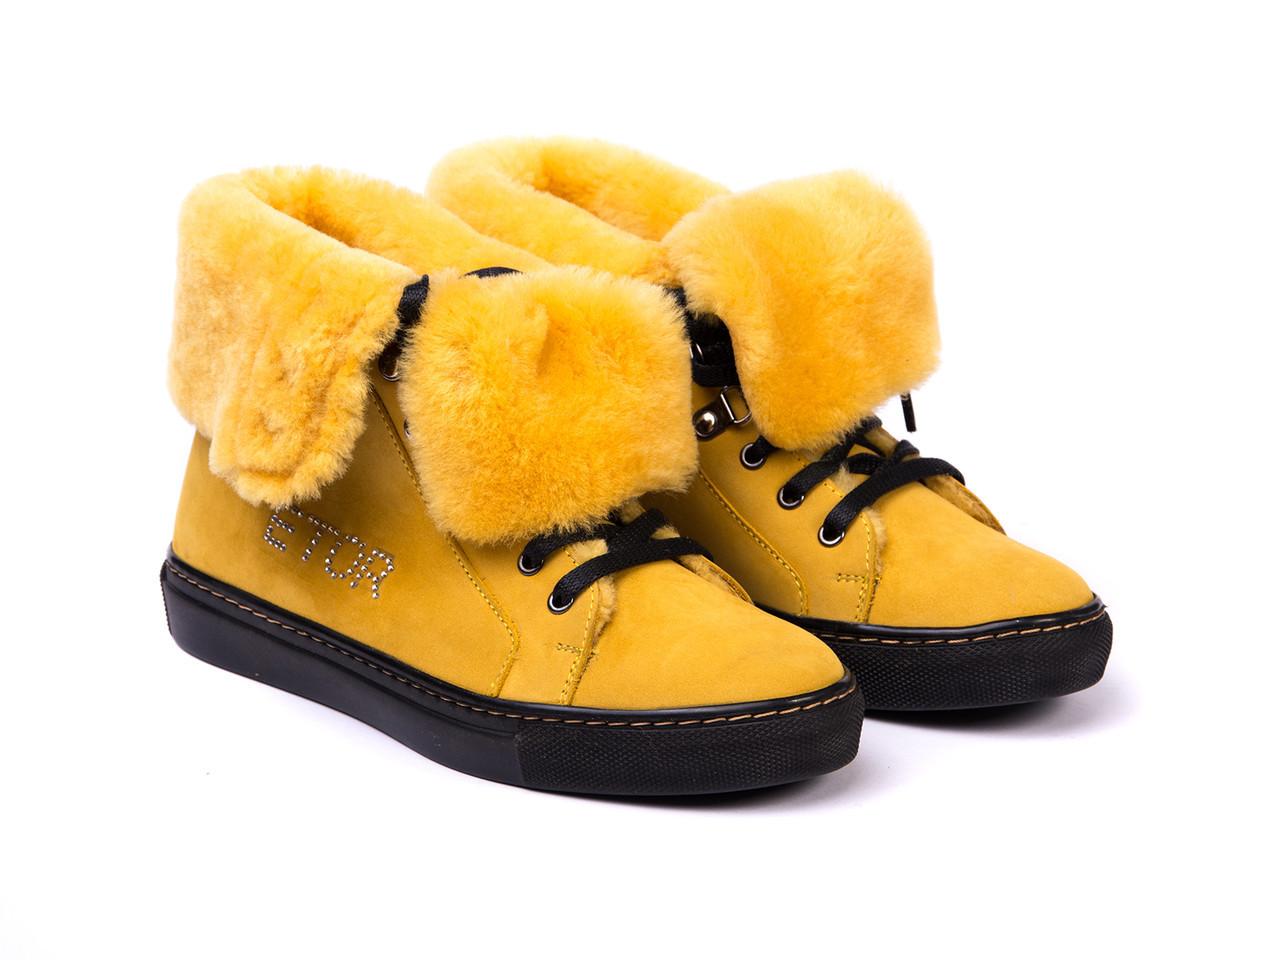 Ботинки Etor 4690-7165-709 36 желтые